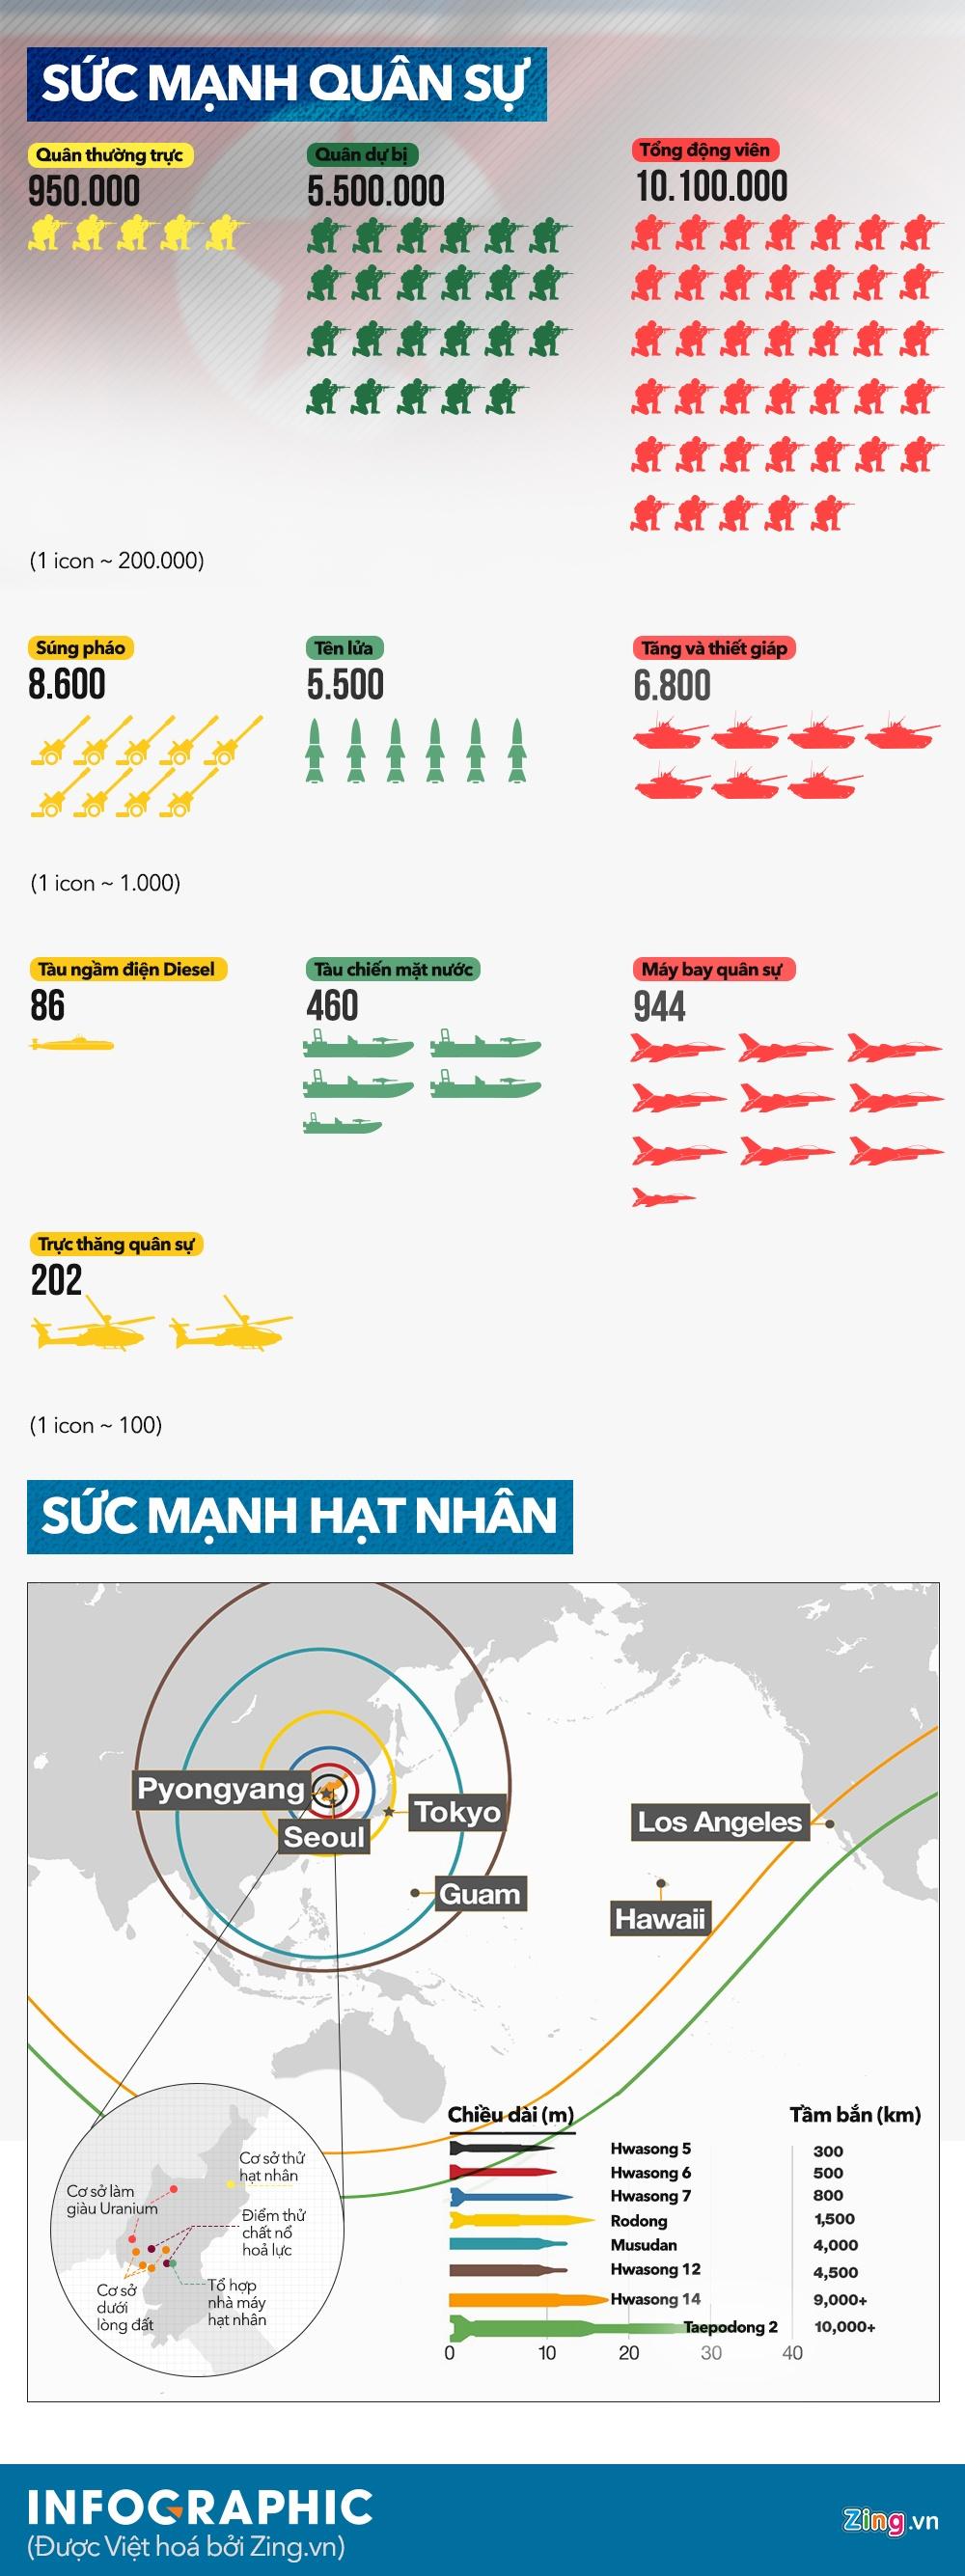 Infographic: Suc manh dang gom cua quan doi Trieu Tien hinh anh 1